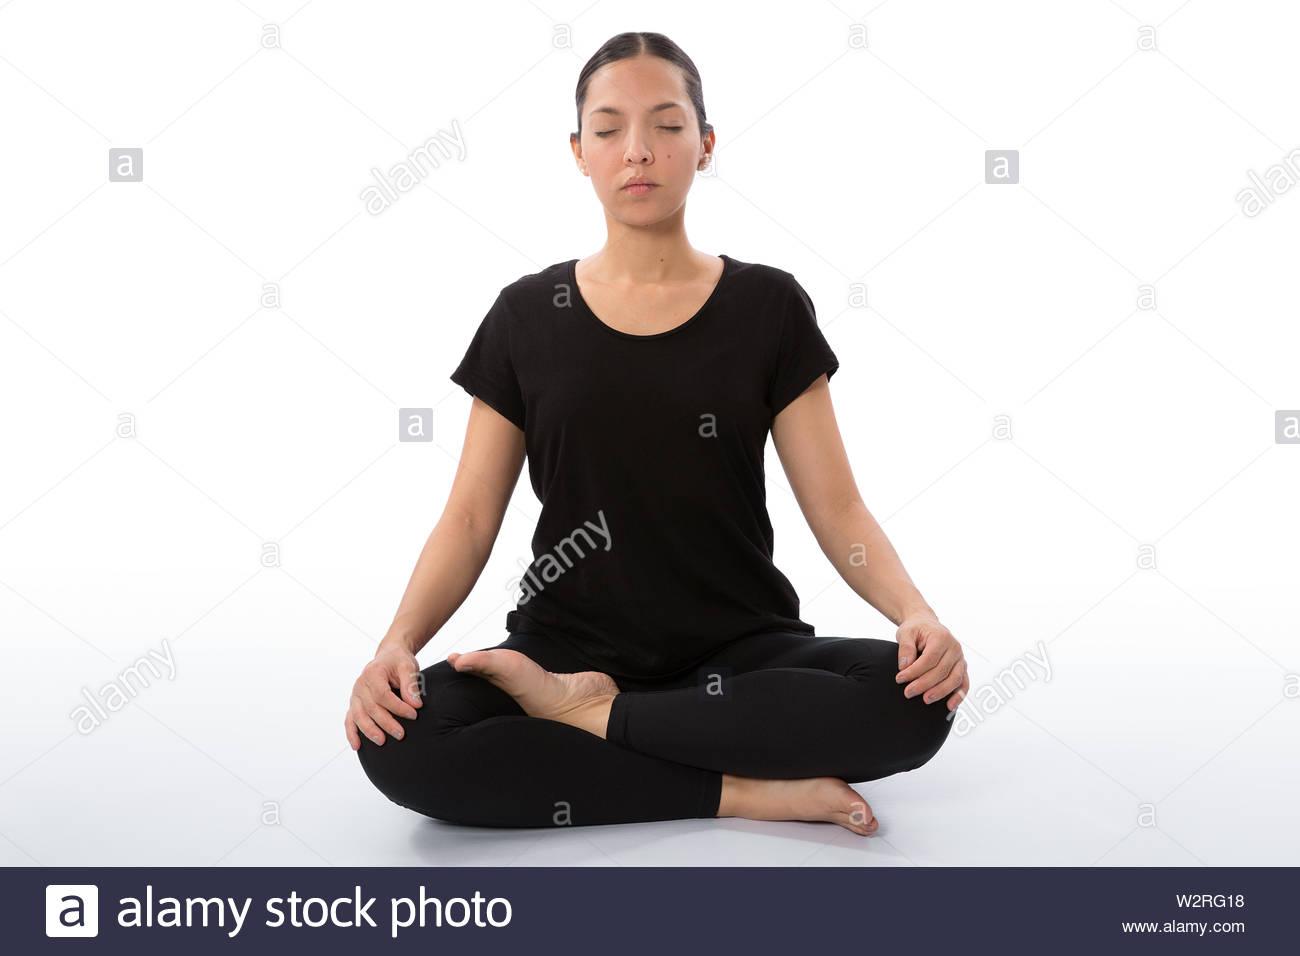 Sukhasana pose (half lotus pose). Meditation Pose. Yoga poses woman isolated with white background. Yoga pose set. Mindfulness and Spiritually concept - Stock Image